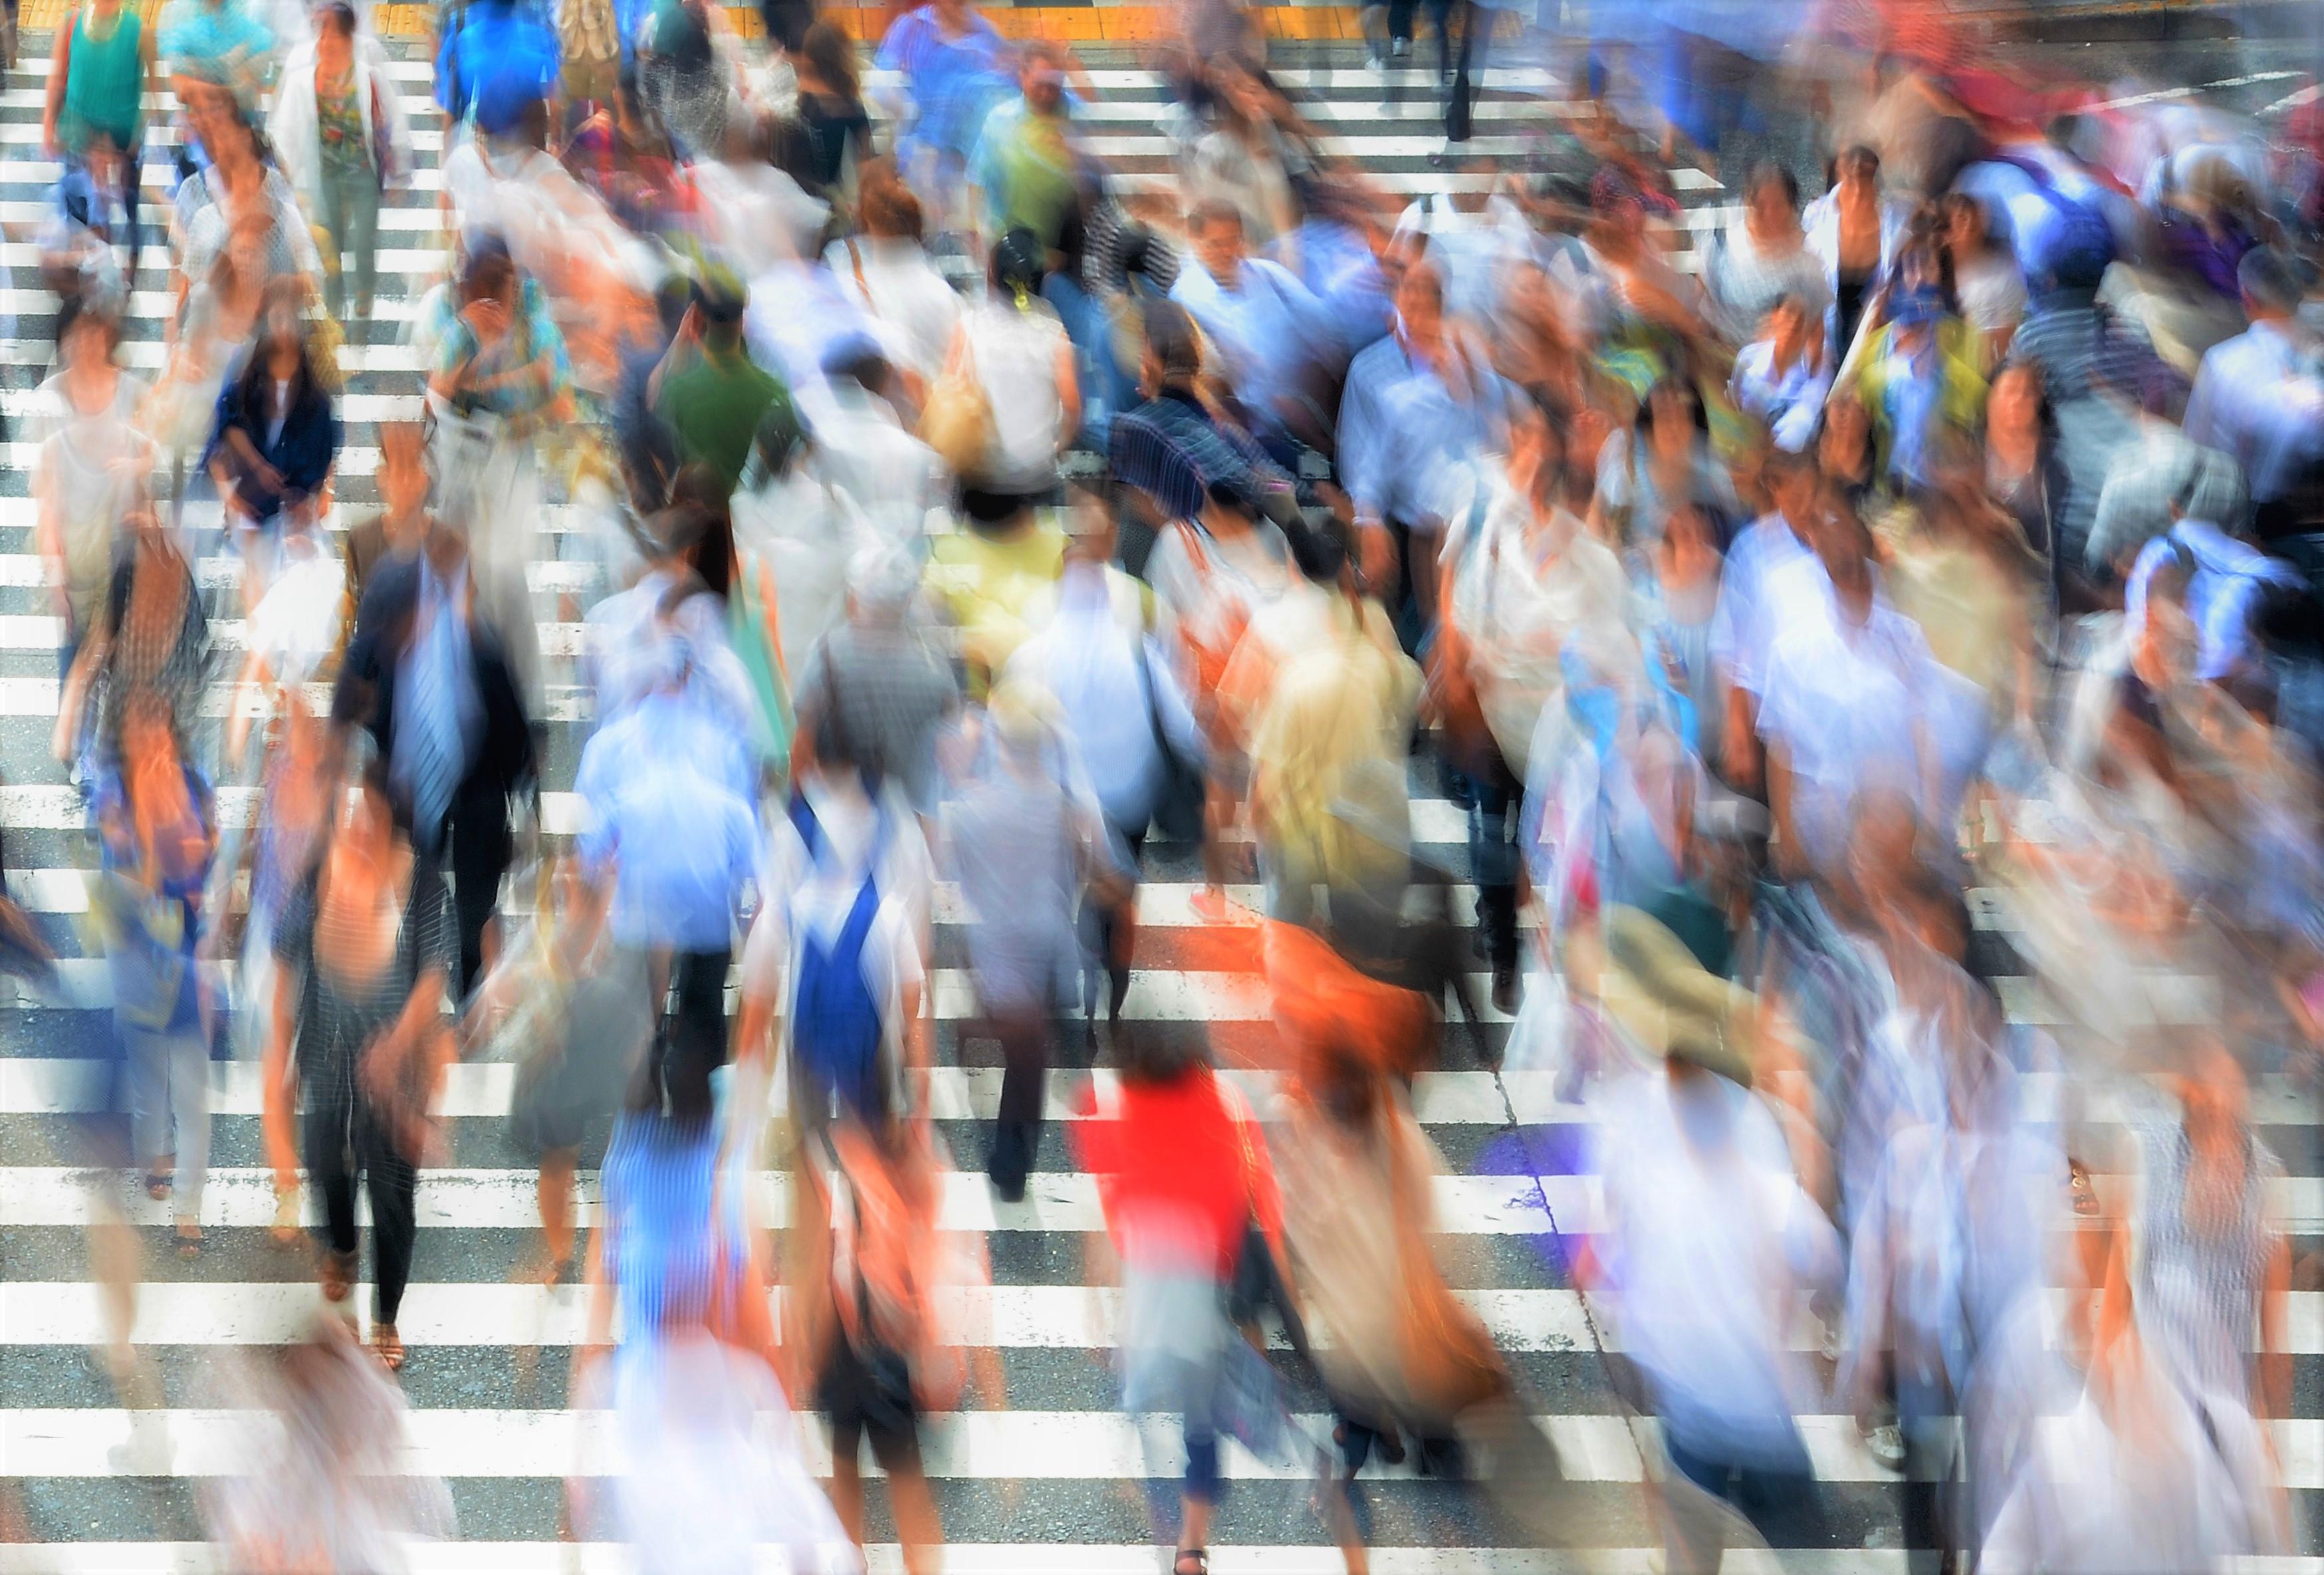 Malattie autoimmuni: un esercito di 200mila pazienti senza